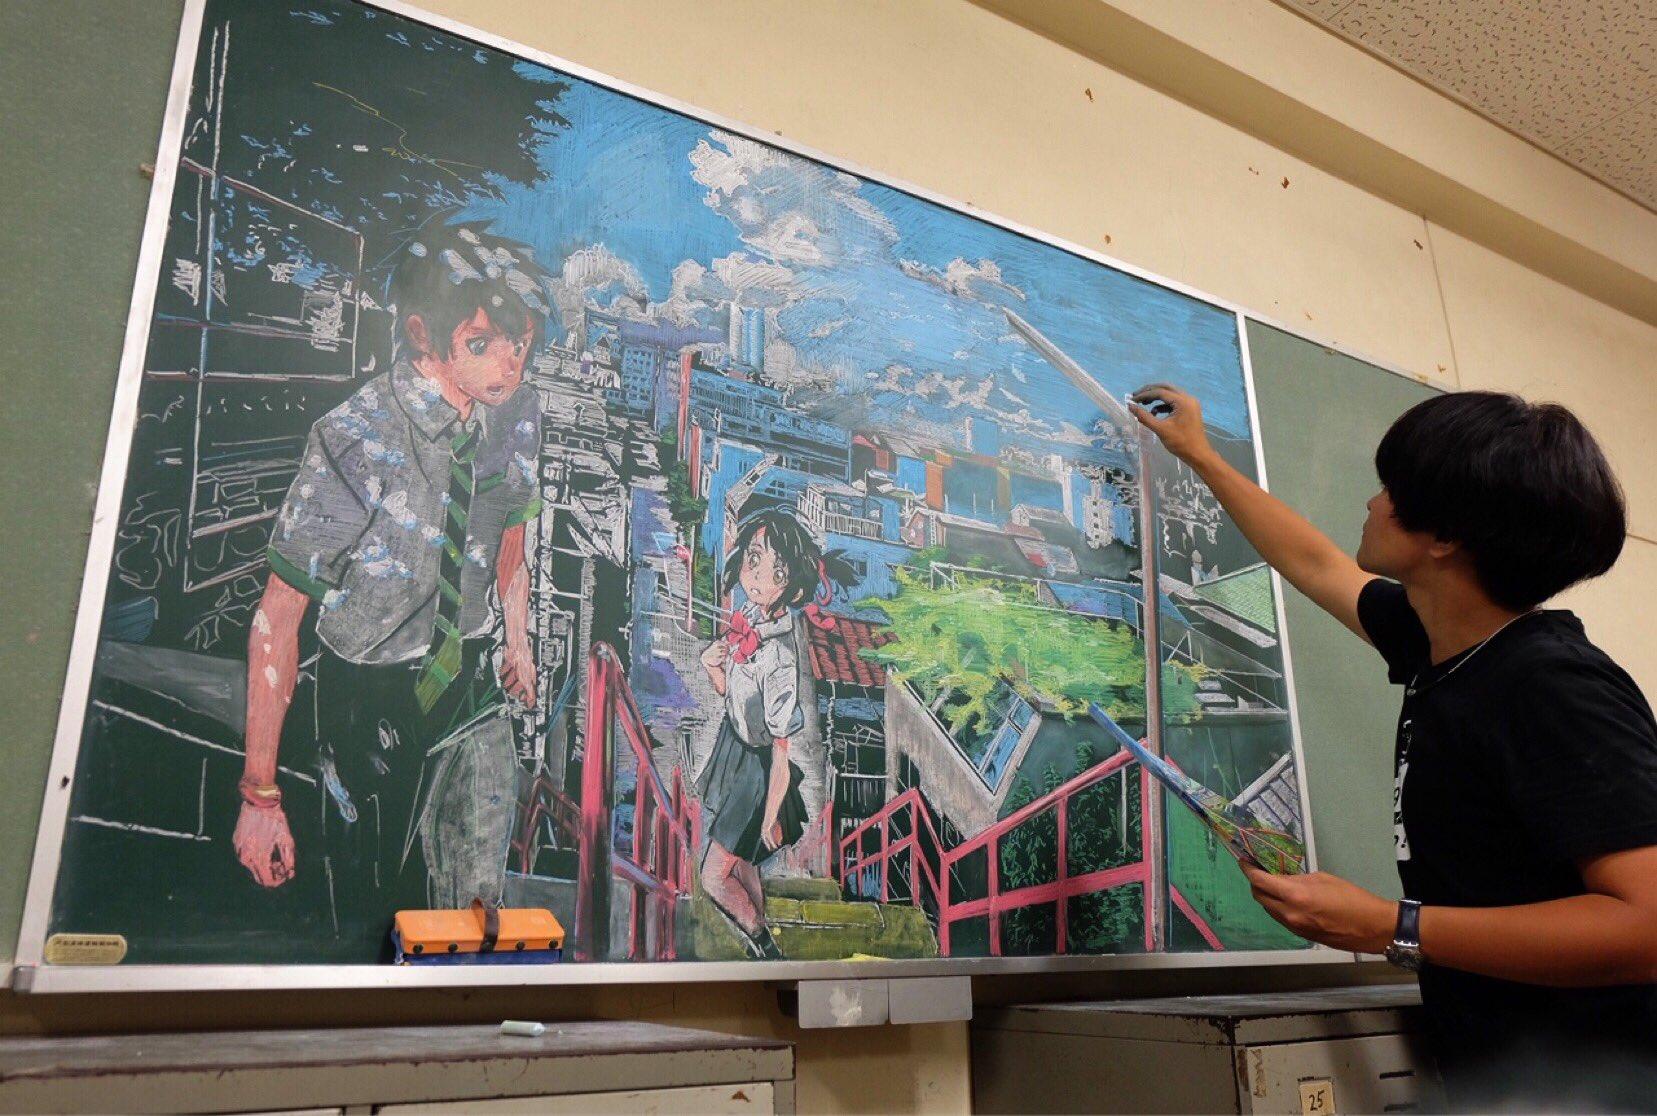 insegnante-disegna-capolavori-su-lavagna-gessi-hirotaka-hamasaki-11